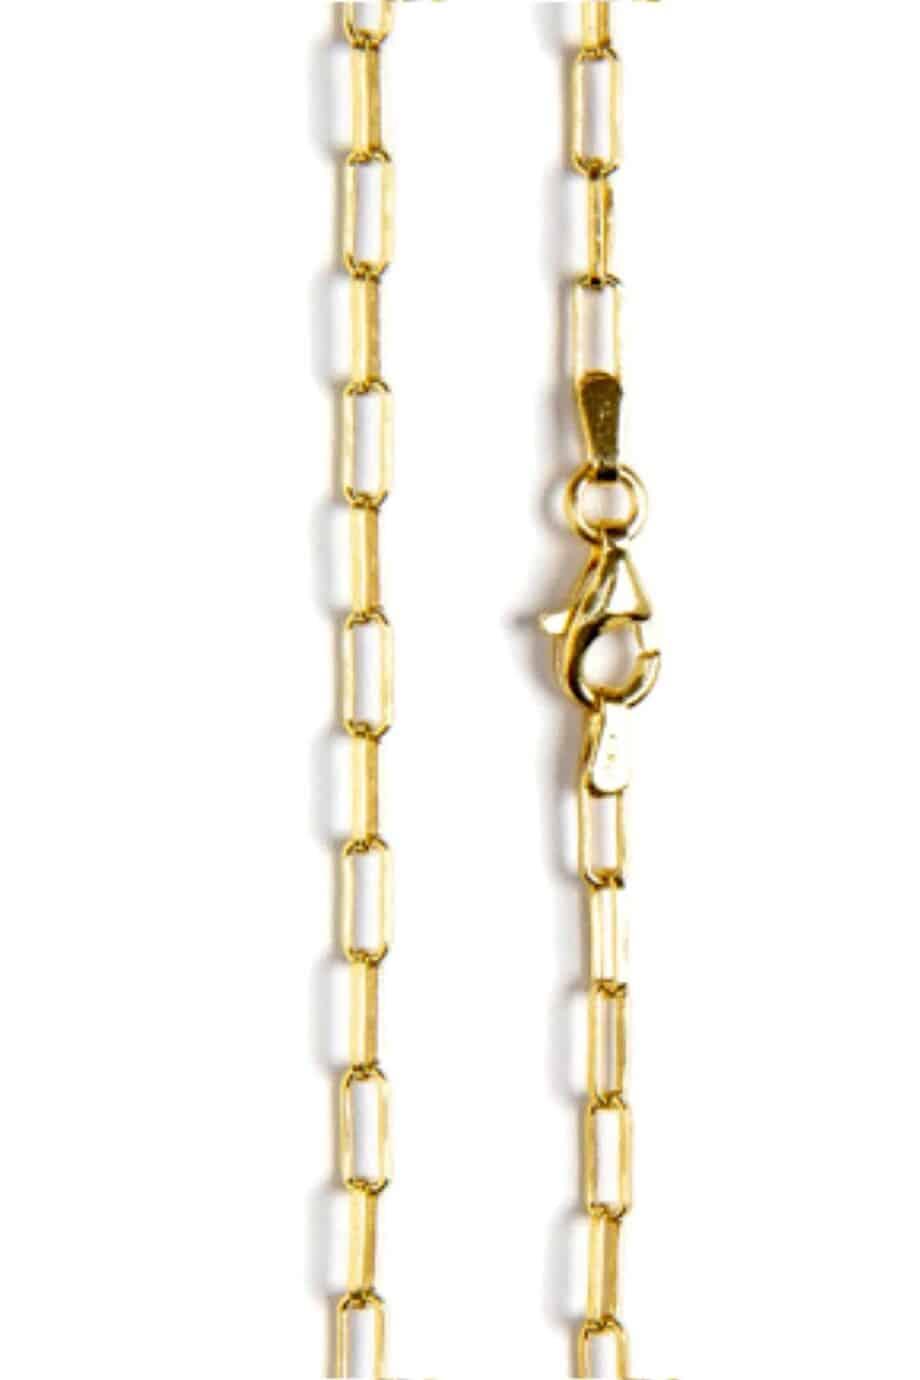 Gouden ketting 'Golden longbox' van Goud op Zilver